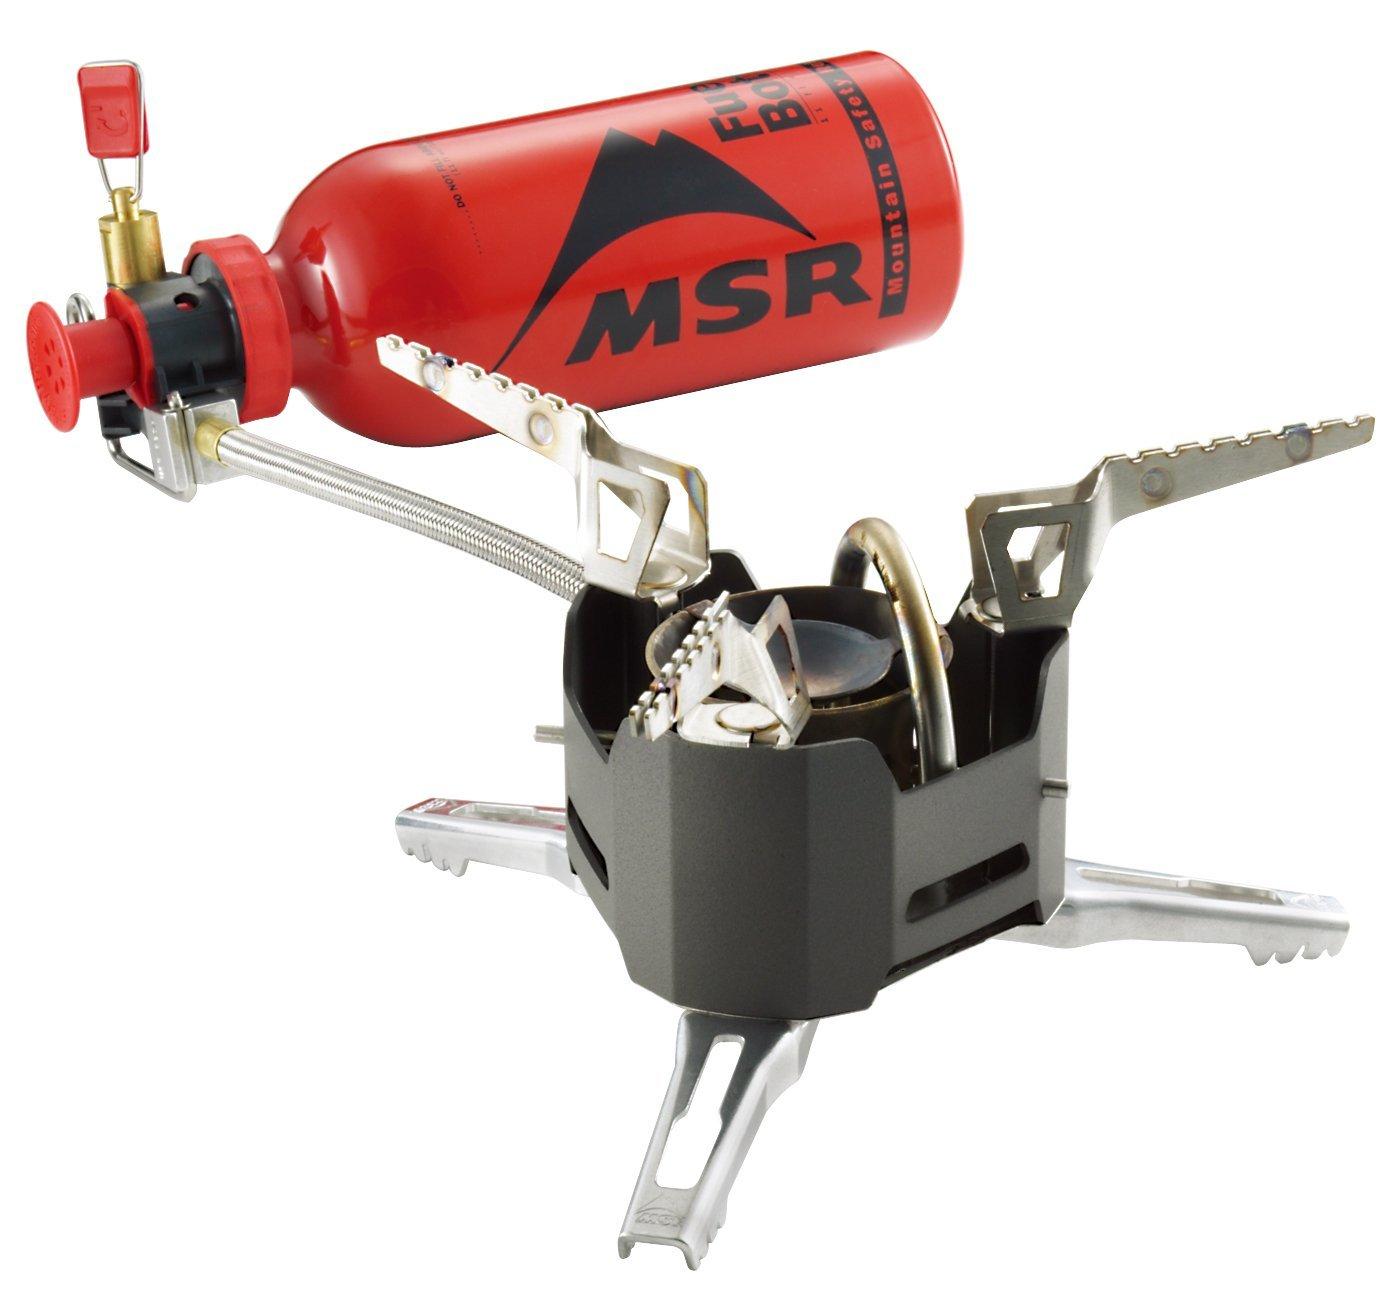 MSR XGK EX Stove Fuel